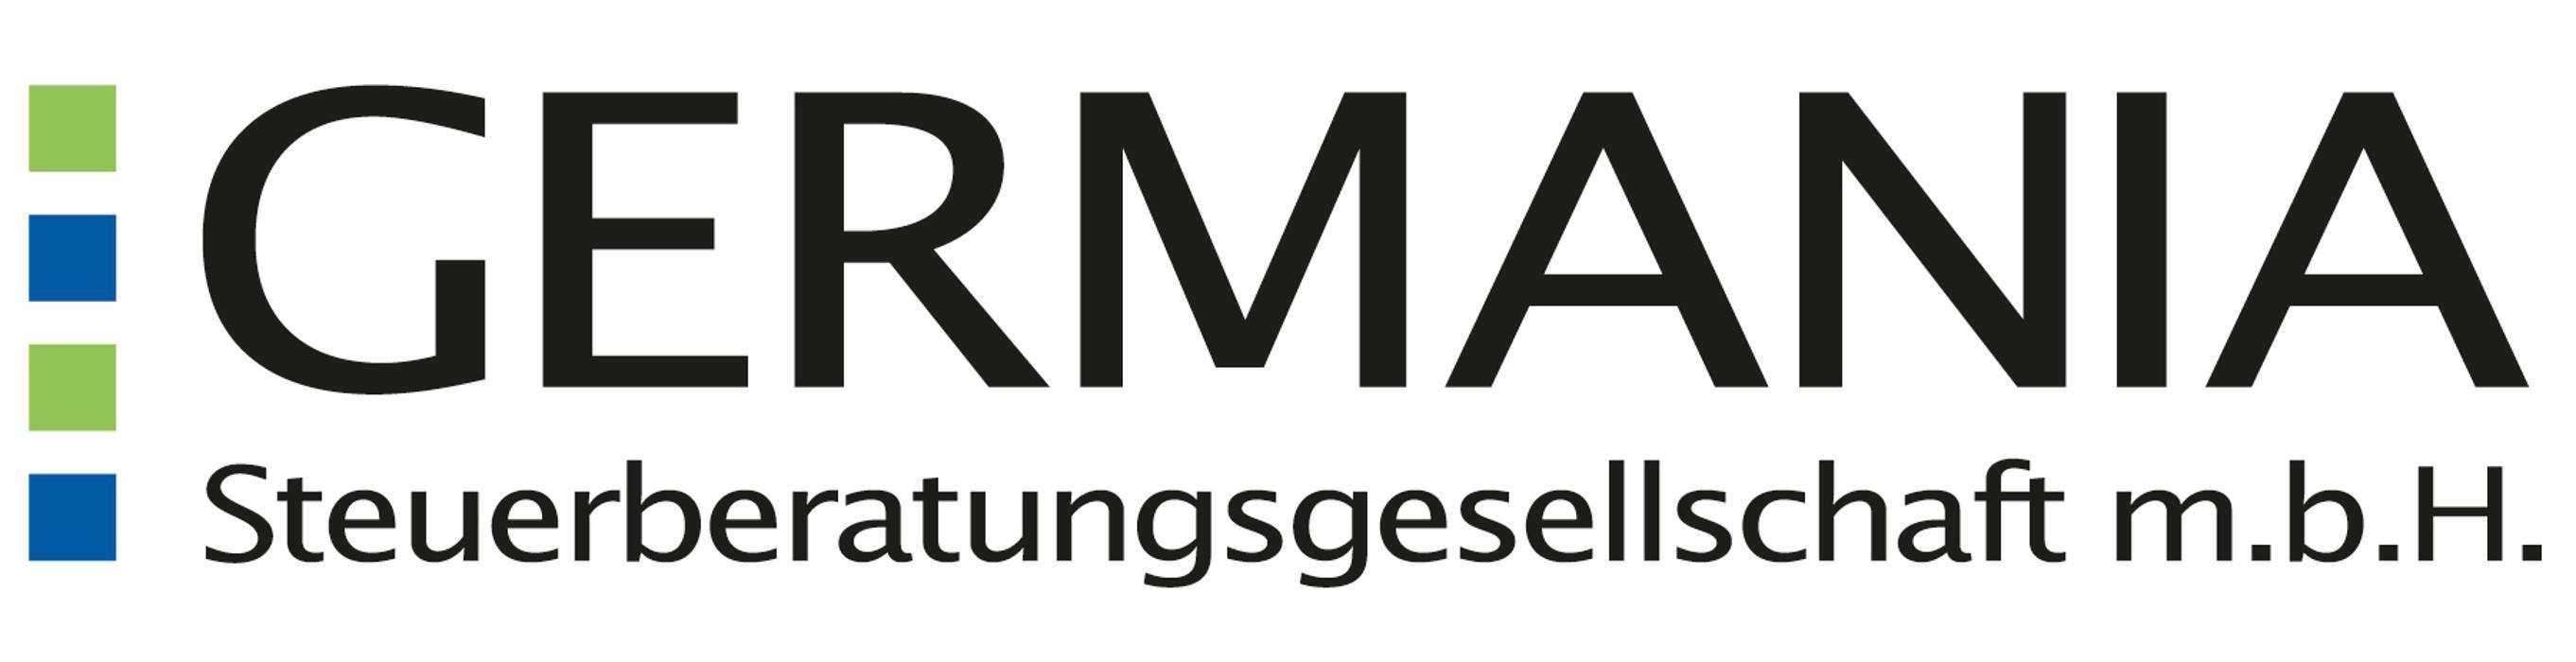 Bild zu Germania Steuerberatungsgesellschaft mbH in Cham